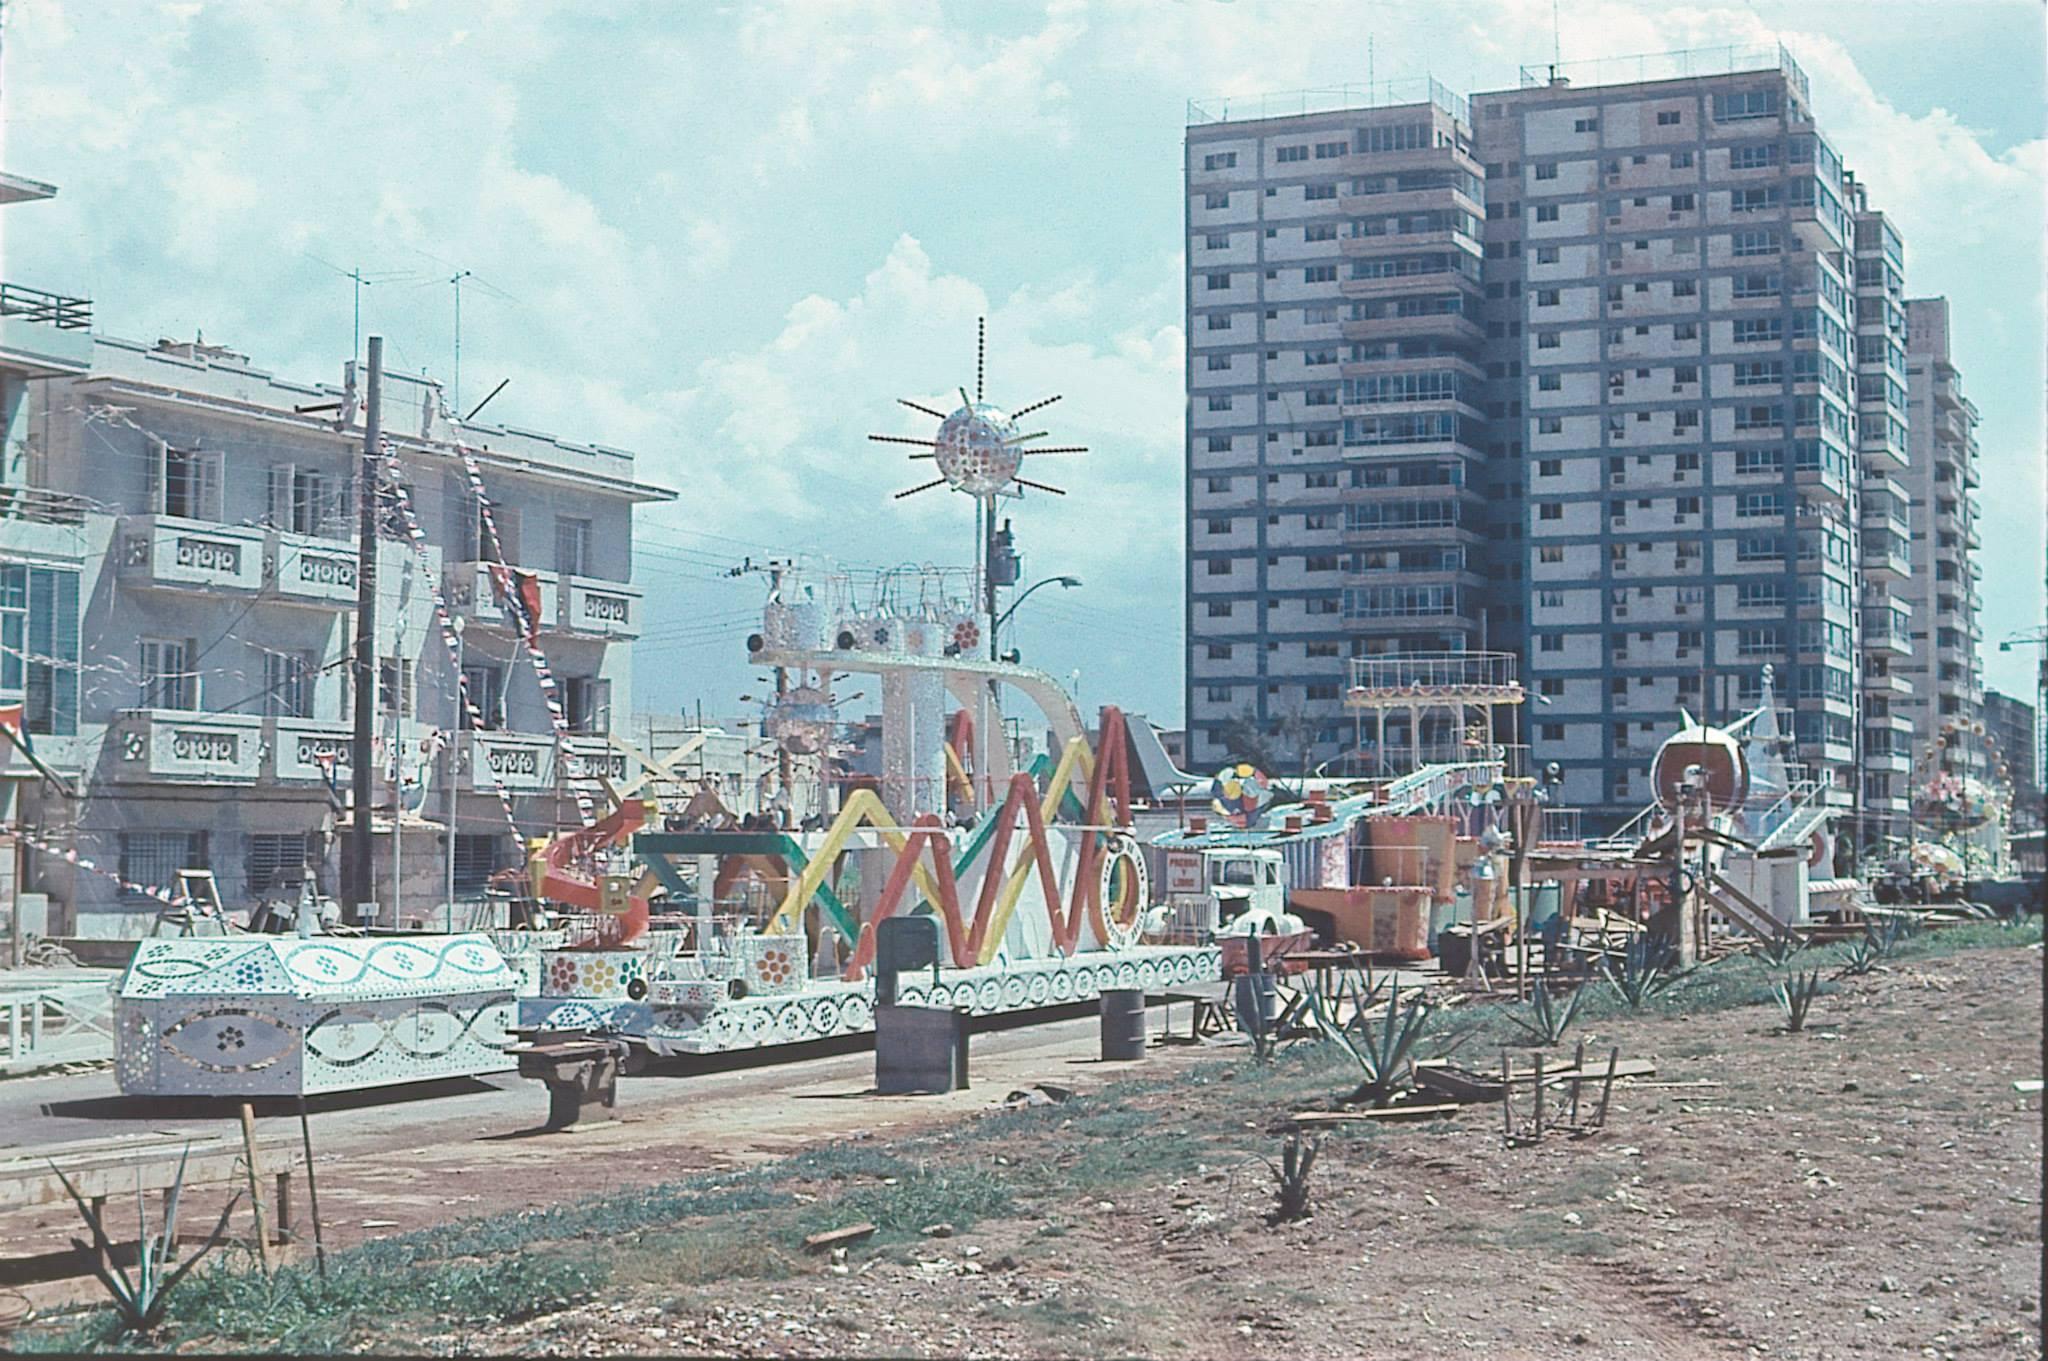 Havana Carnival, 1976 - Carroza de los Carnavales de 1976, Vedado, La Habana